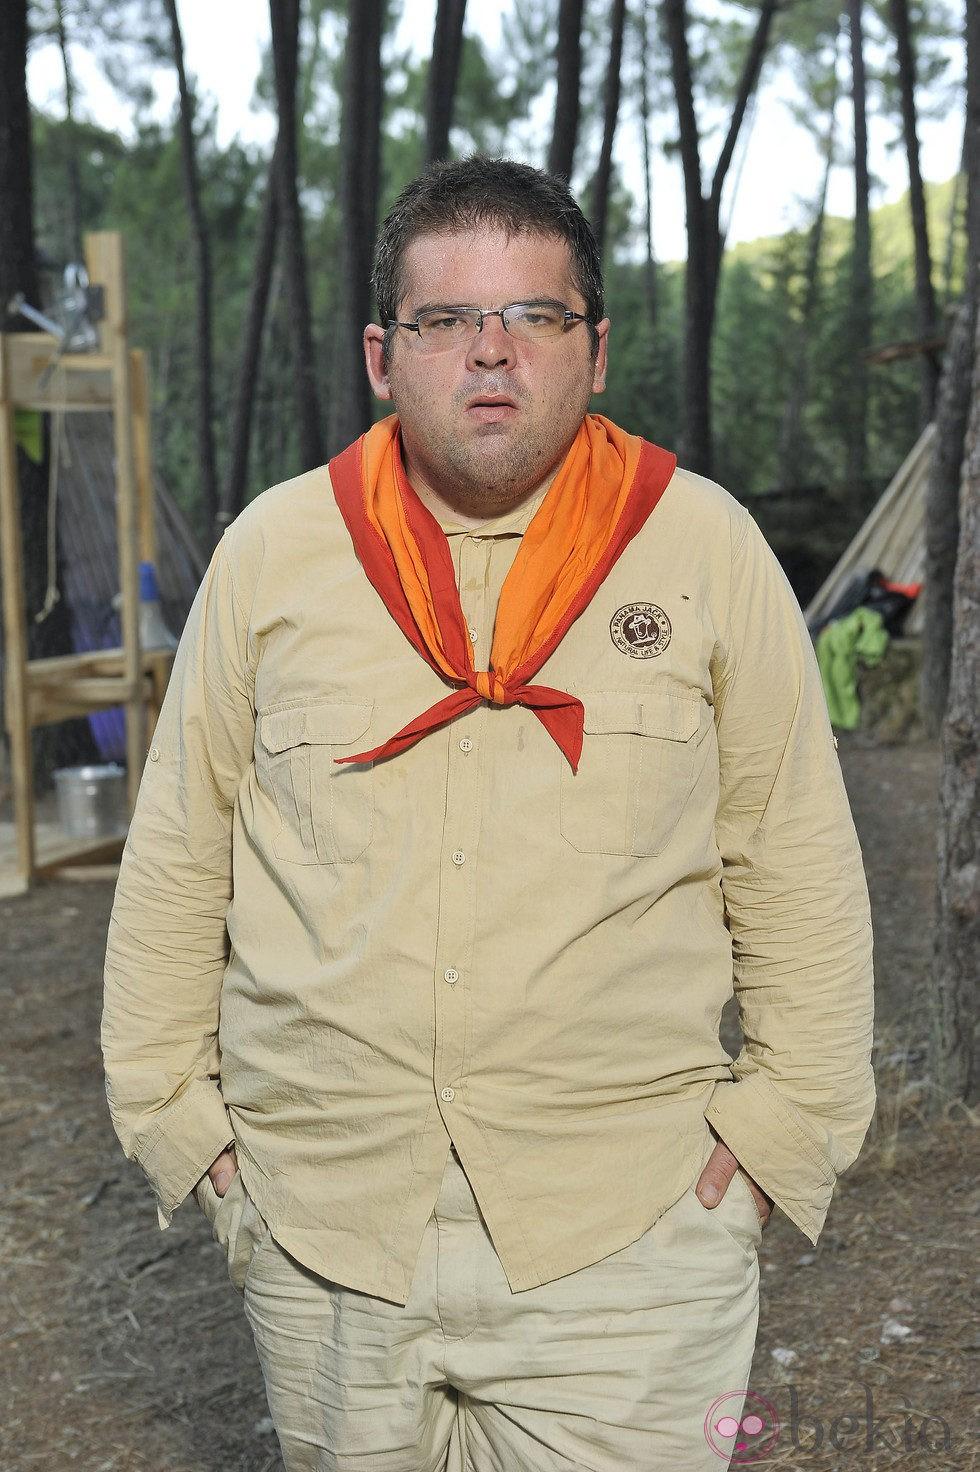 David Pedre posando como explorador del 'Campamento de verano' de Telecinco